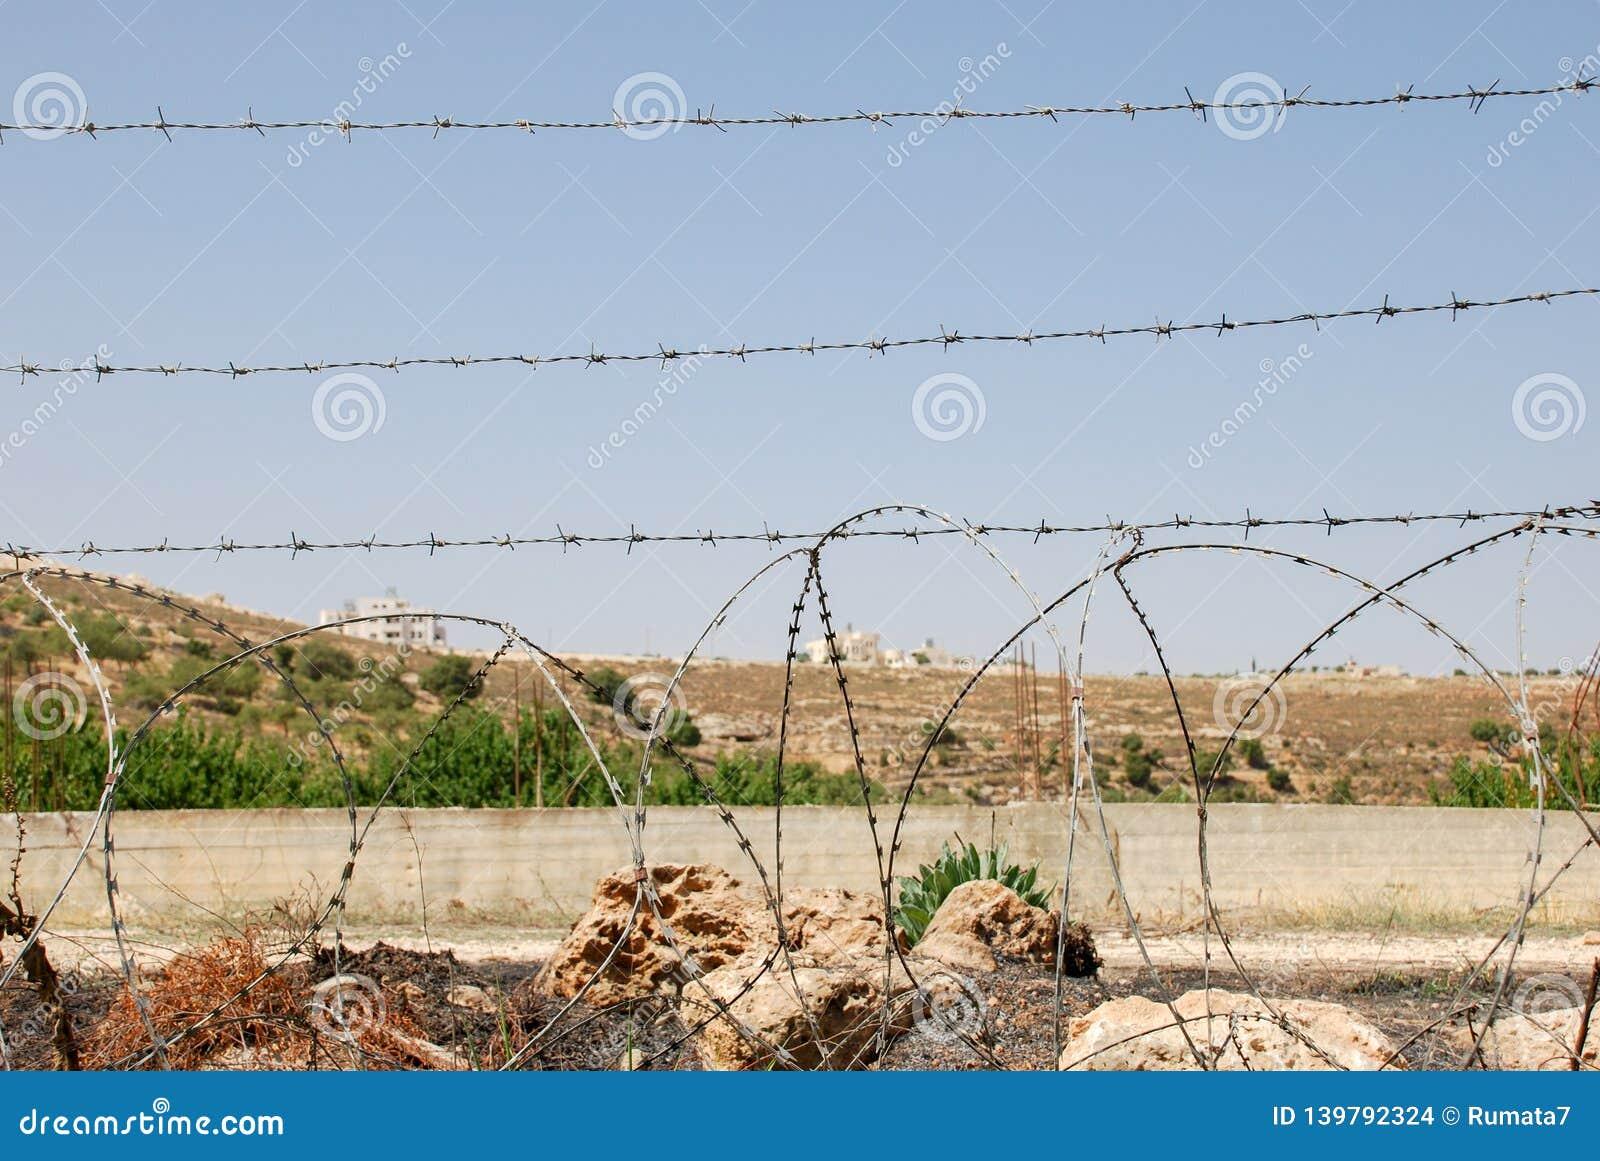 Загородка колючей проволоки на израильско-палестинской границе